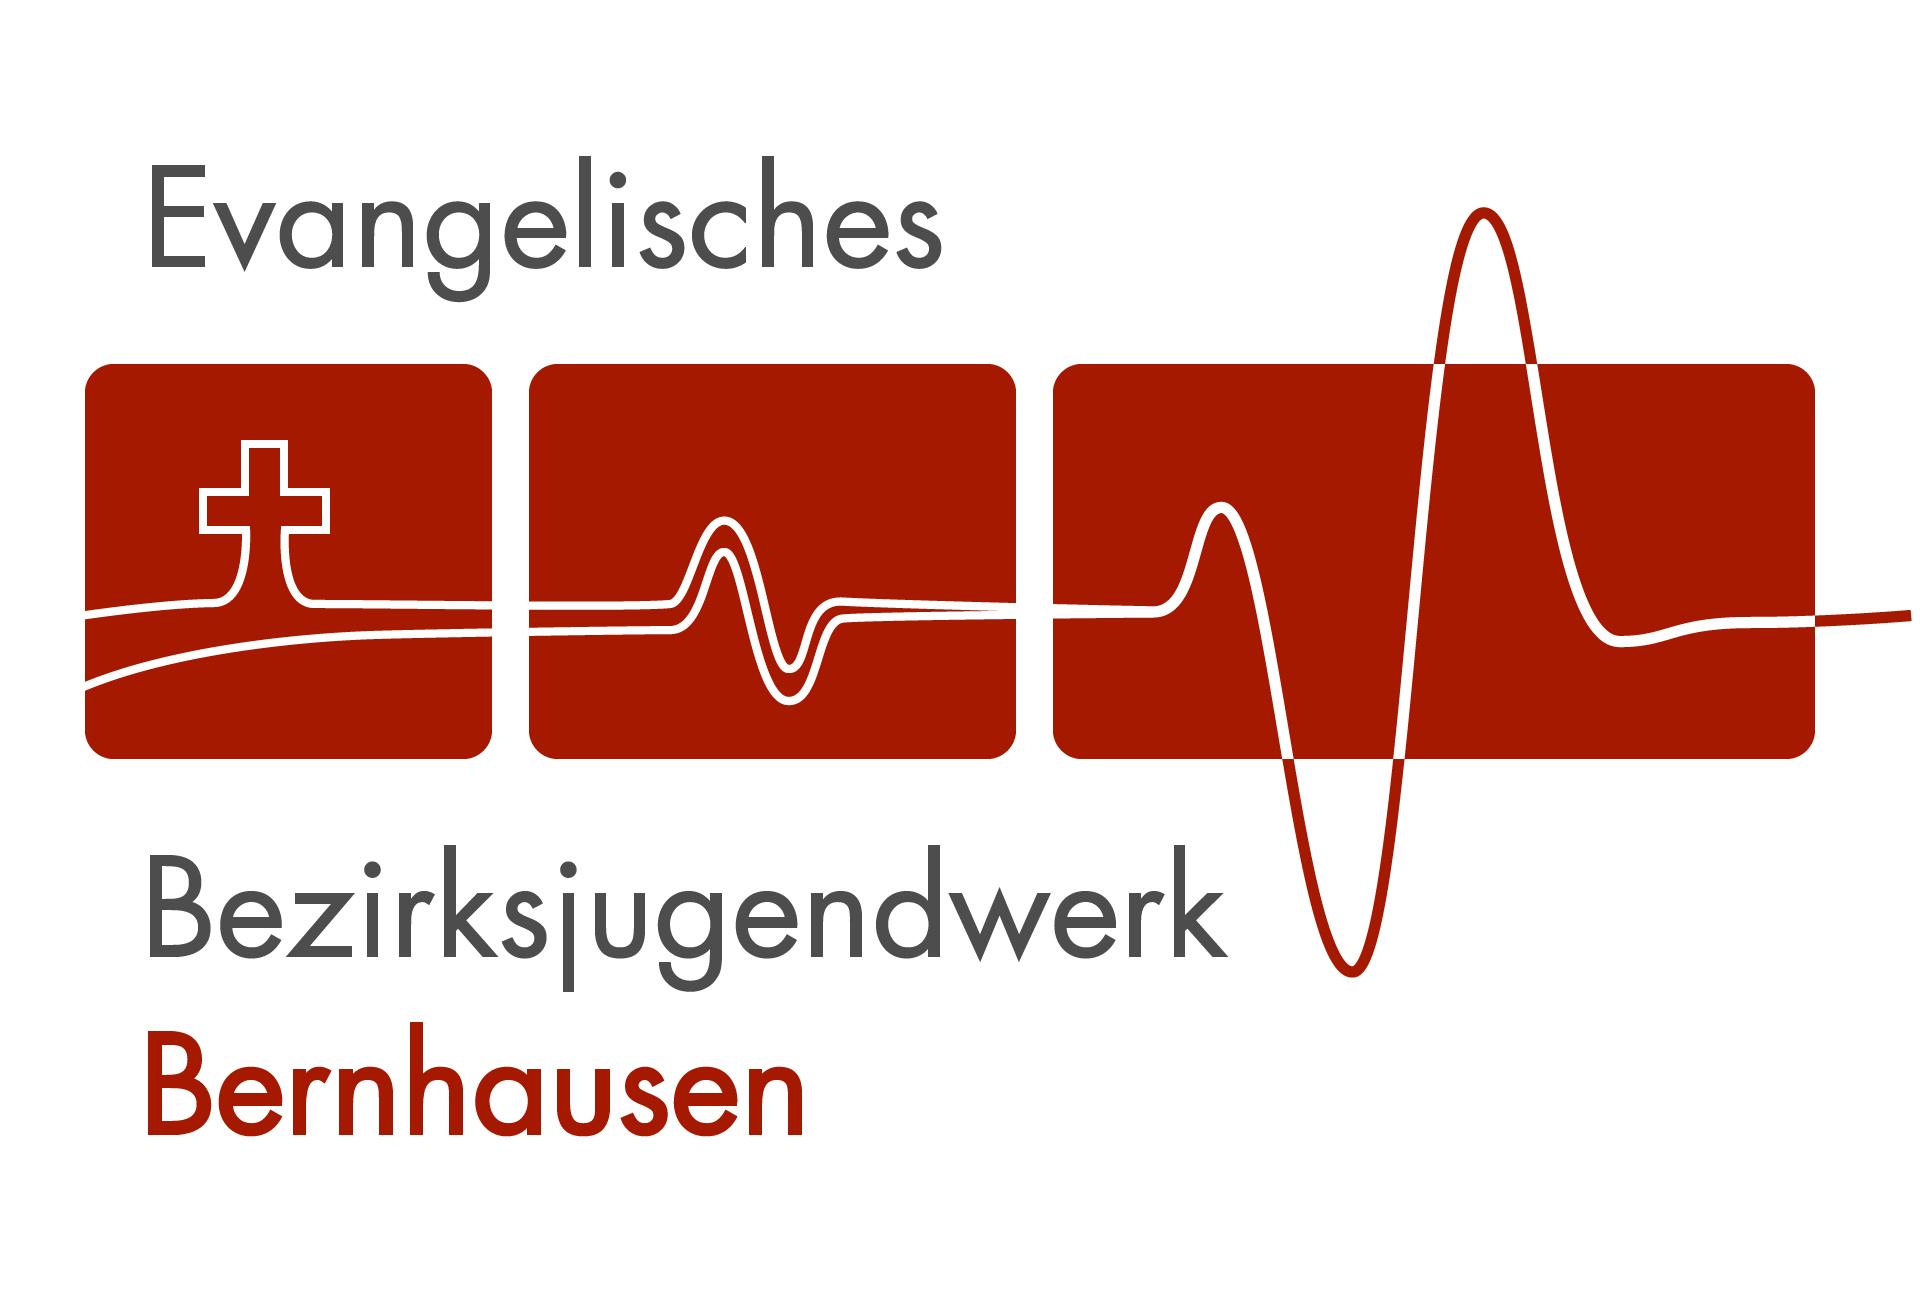 Evangelisches Jugendwerk Bezirk Bernhausen